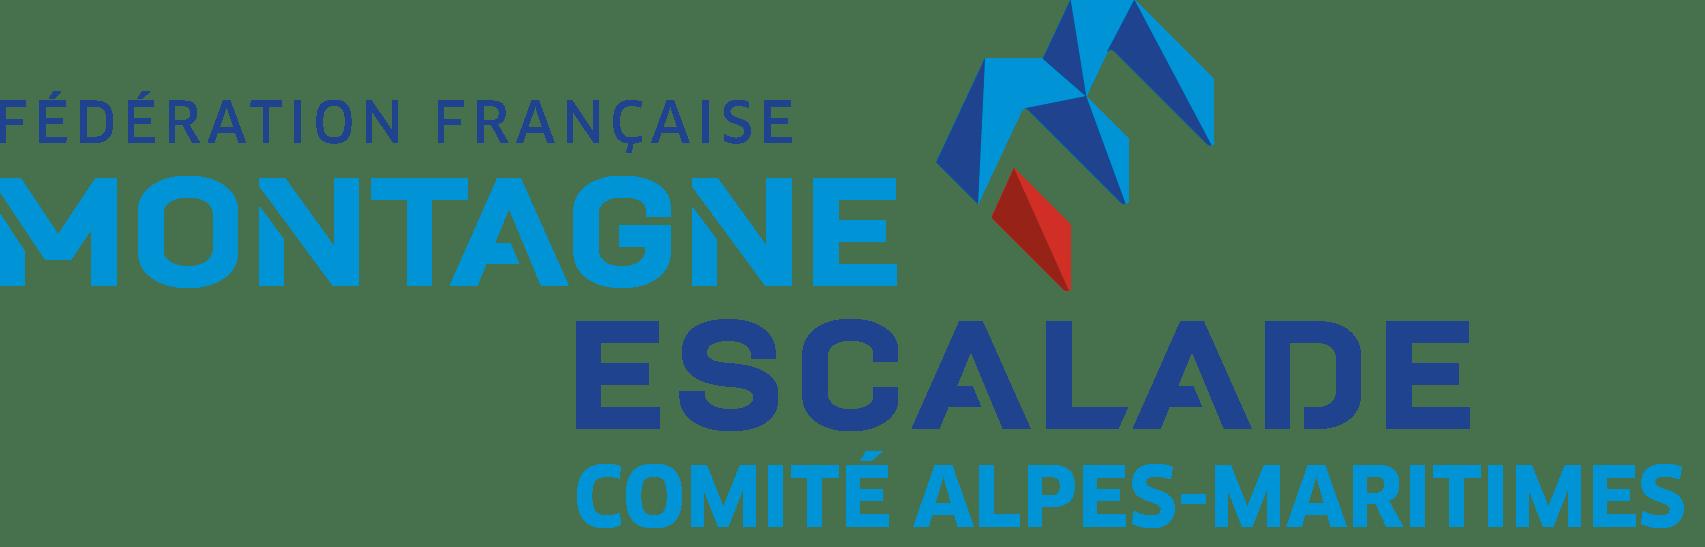 Fédération Française Montagne Escalade